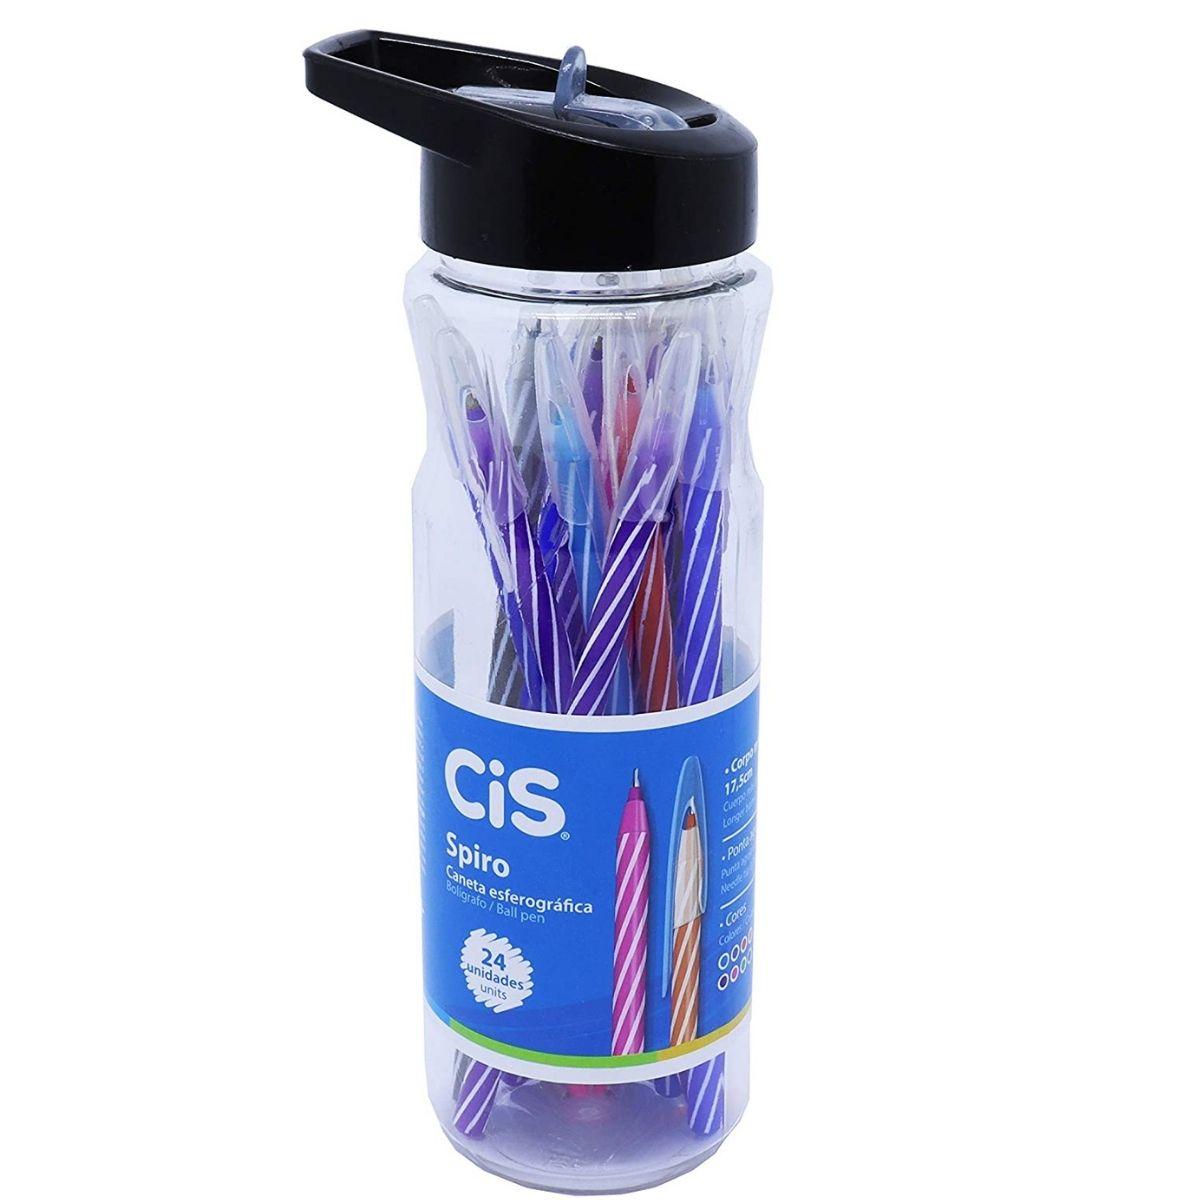 Caneta Spiro Esferográfica 0.7 Multicor Garrafa com 24 Unidades Sortida Cis